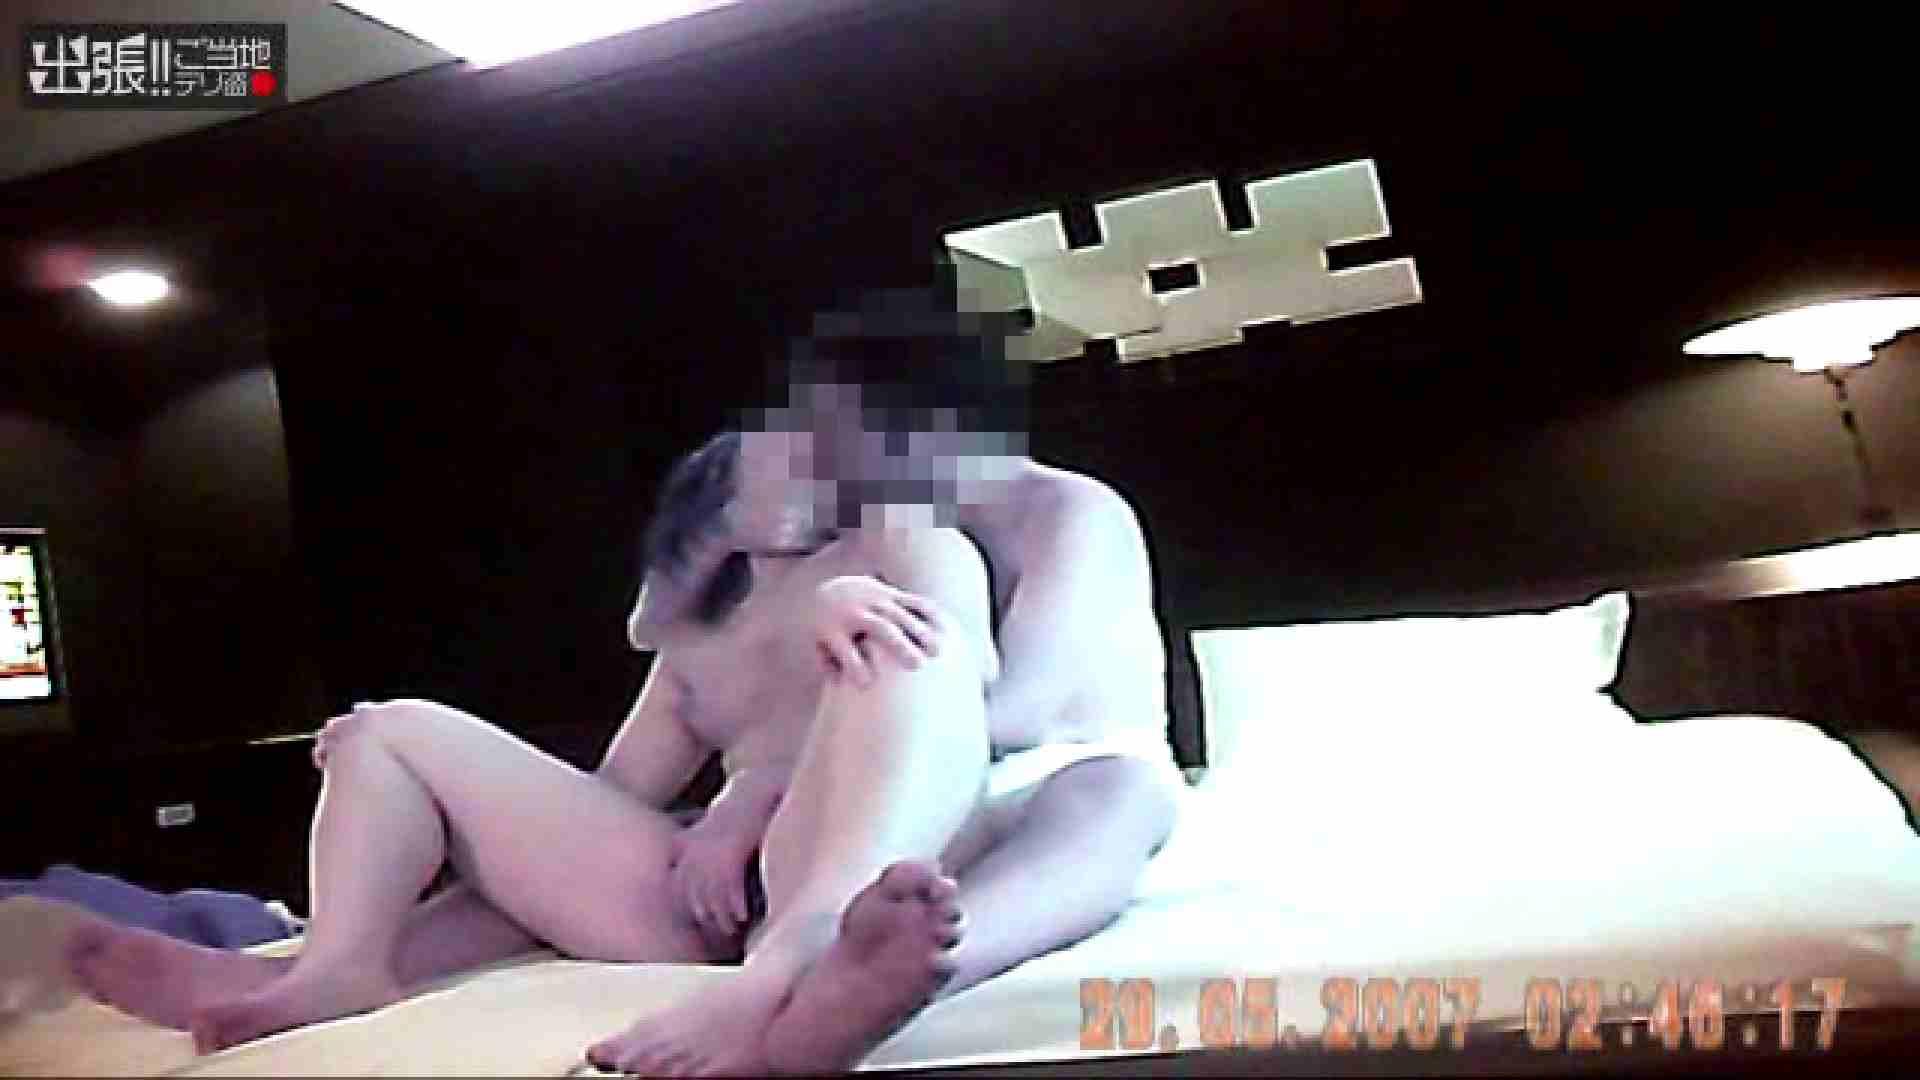 出張リーマンのデリ嬢隠し撮り第3弾vol.6 セックス おめこ無修正動画無料 65連発 32